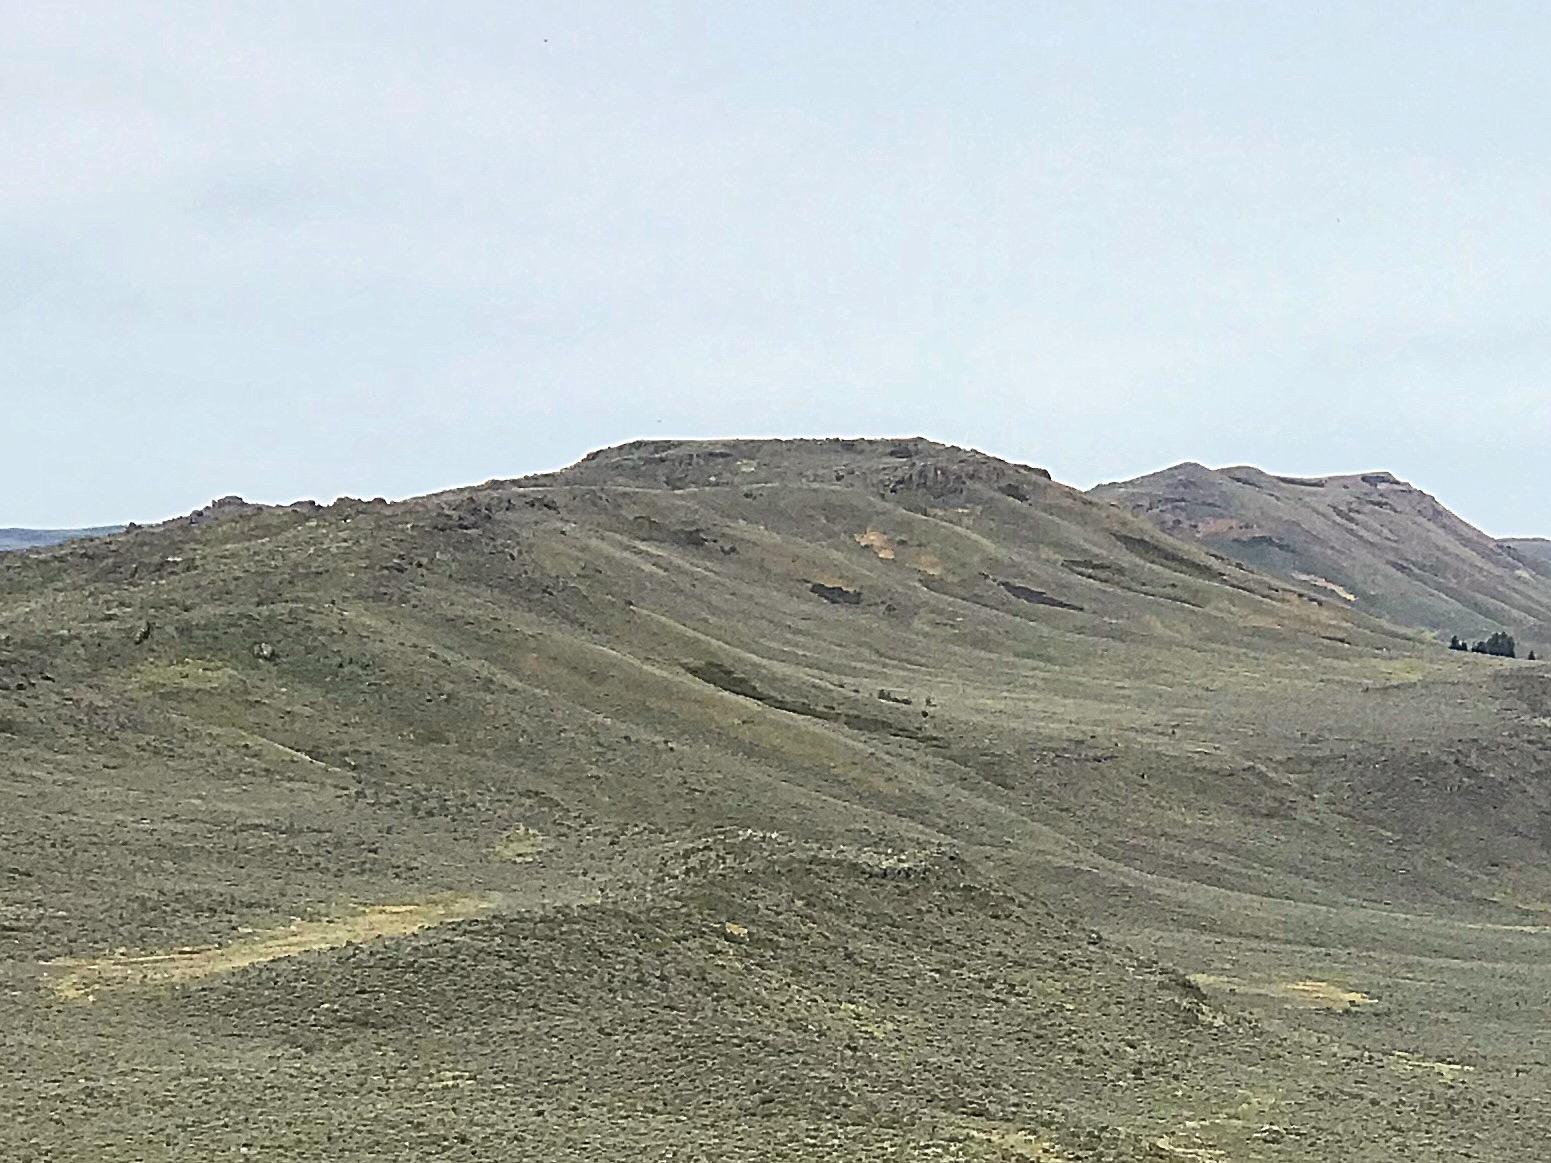 Fir Grove Mountain viewed from Peak 5875.